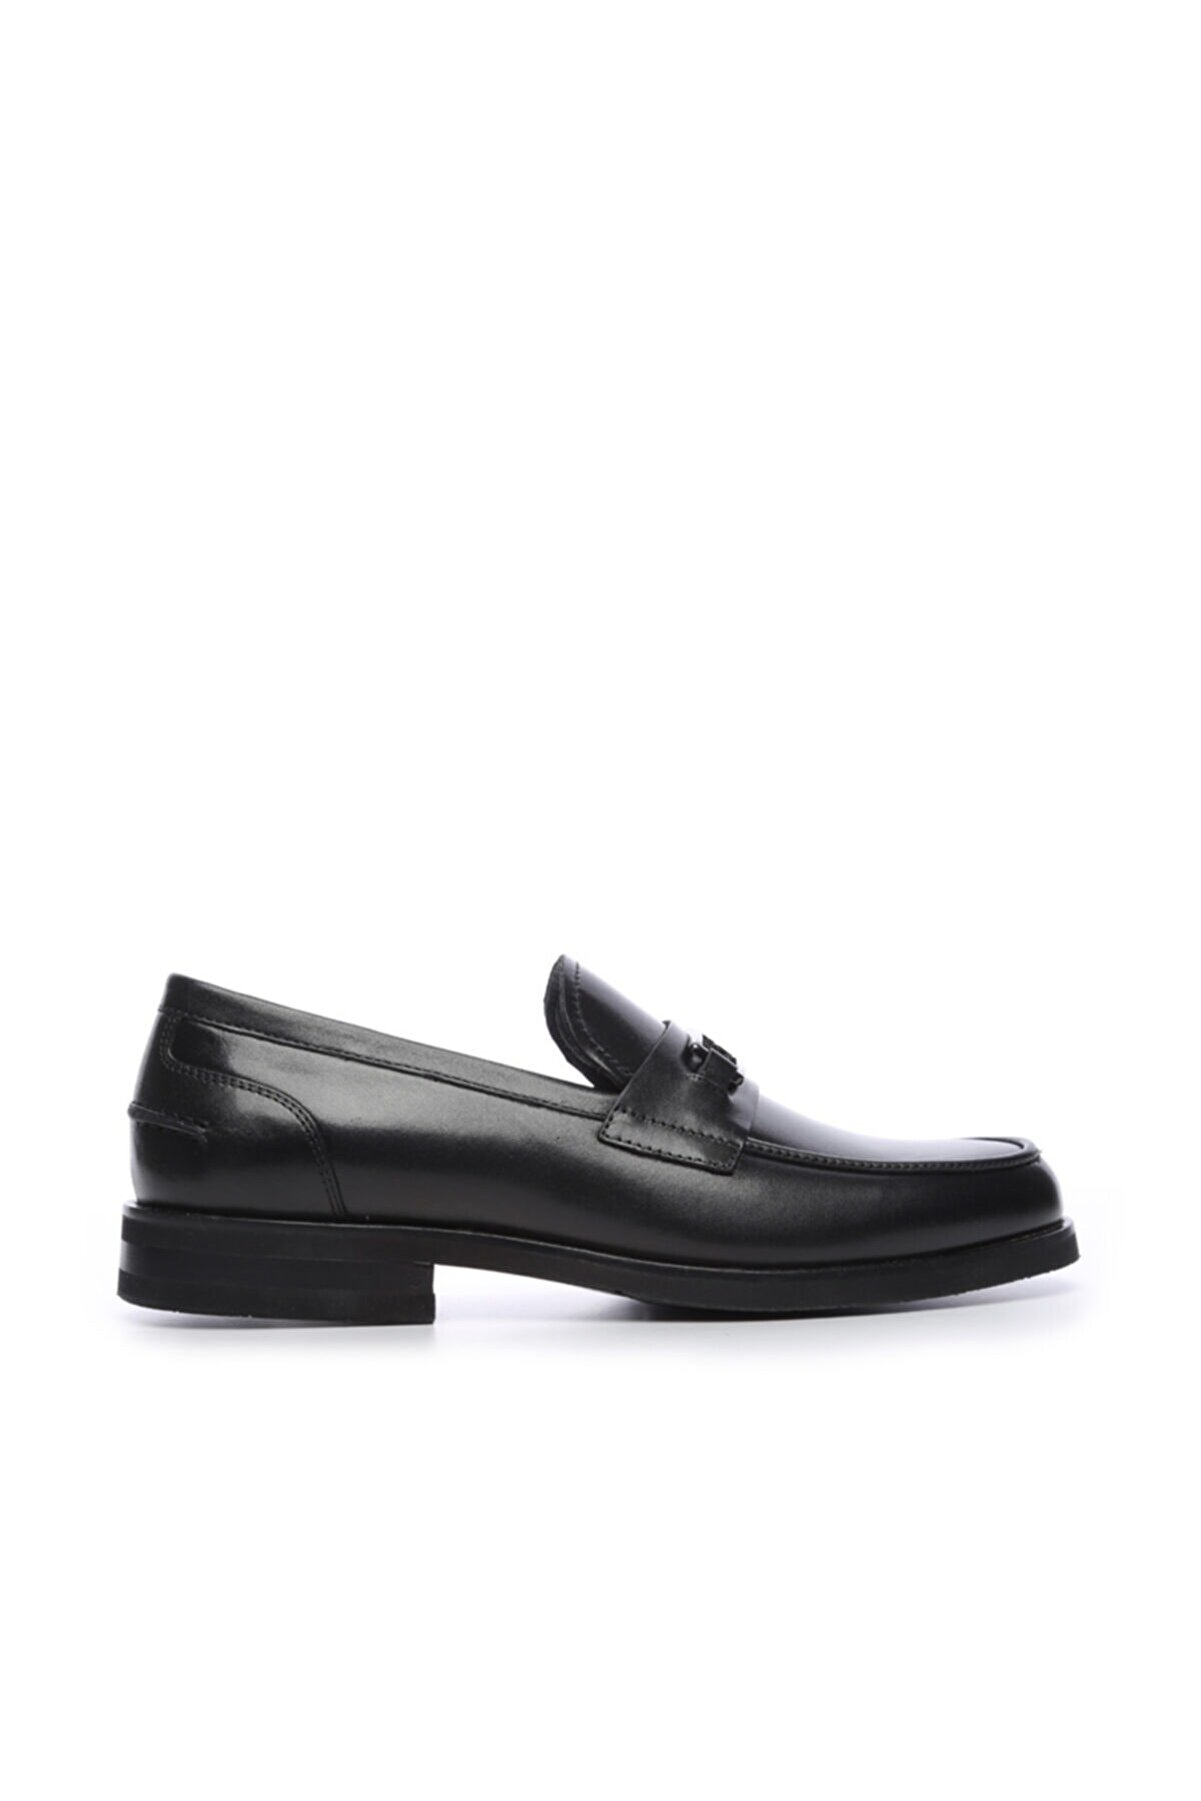 Kemal Tanca Erkek Derı Klasik Ayakkabı 383 3308 Ev Erk Ayk